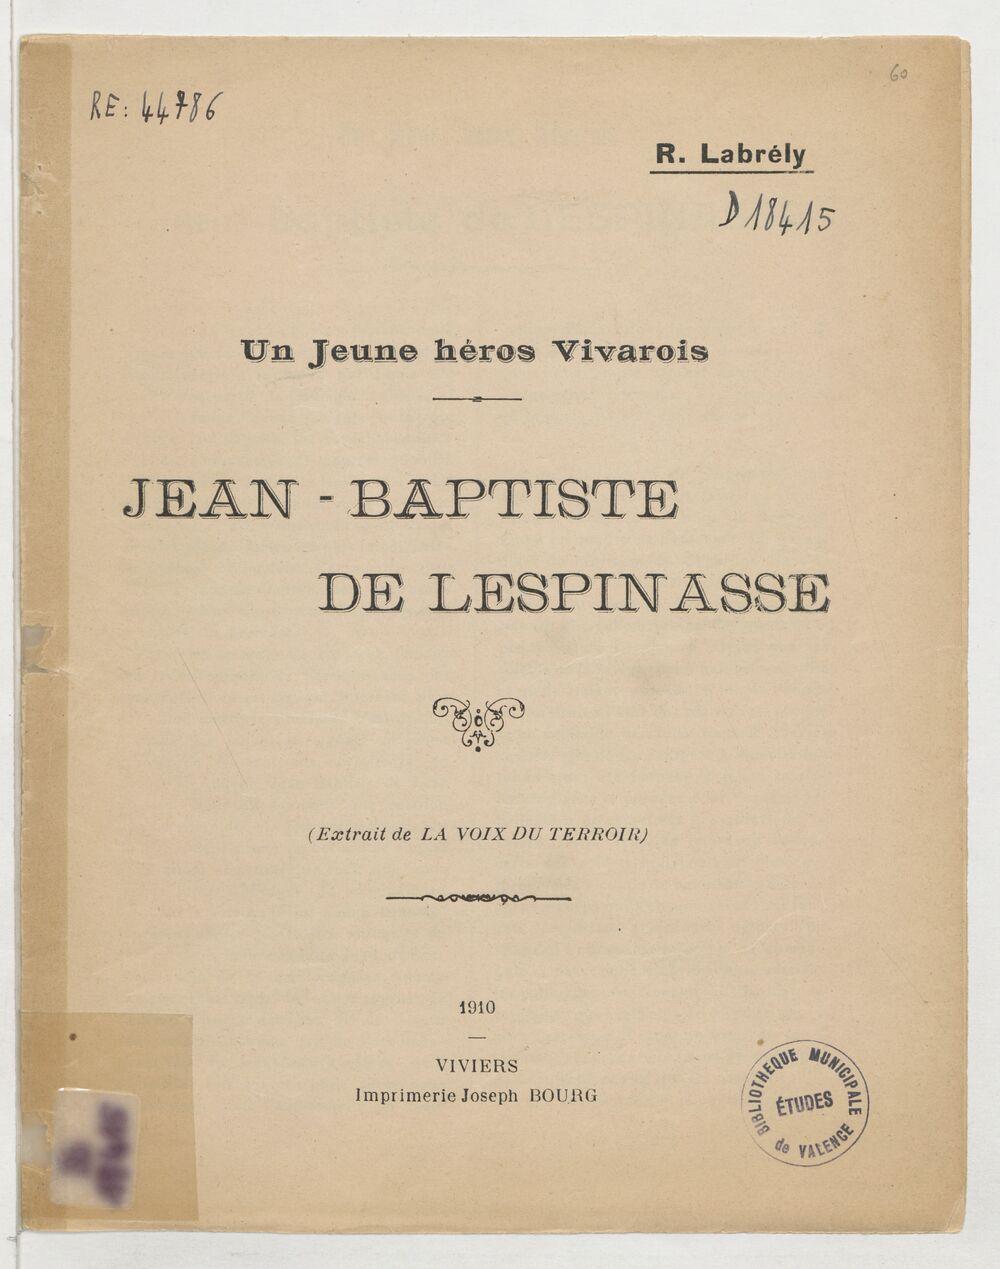 Jean-Baptiste de Lespinasse : un jeune héros vivarois / R. Labrély